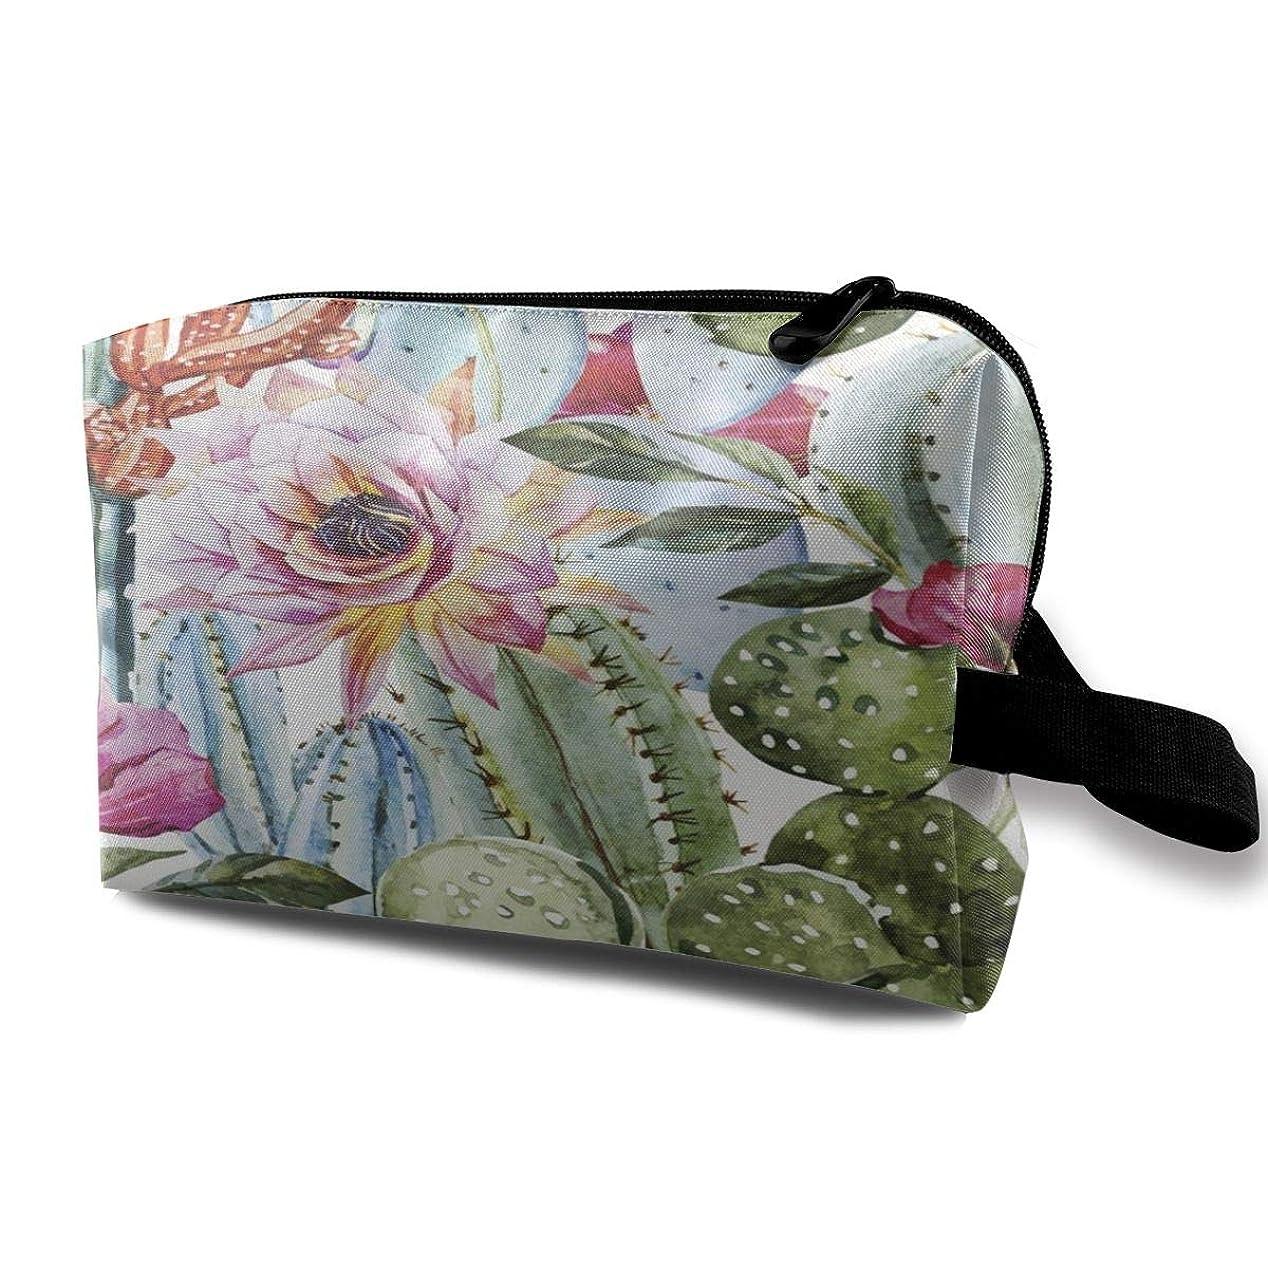 どちらも呼ぶ許さないFlowers Roses And Cactus 収納ポーチ 化粧ポーチ 大容量 軽量 耐久性 ハンドル付持ち運び便利。入れ 自宅?出張?旅行?アウトドア撮影などに対応。メンズ レディース トラベルグッズ